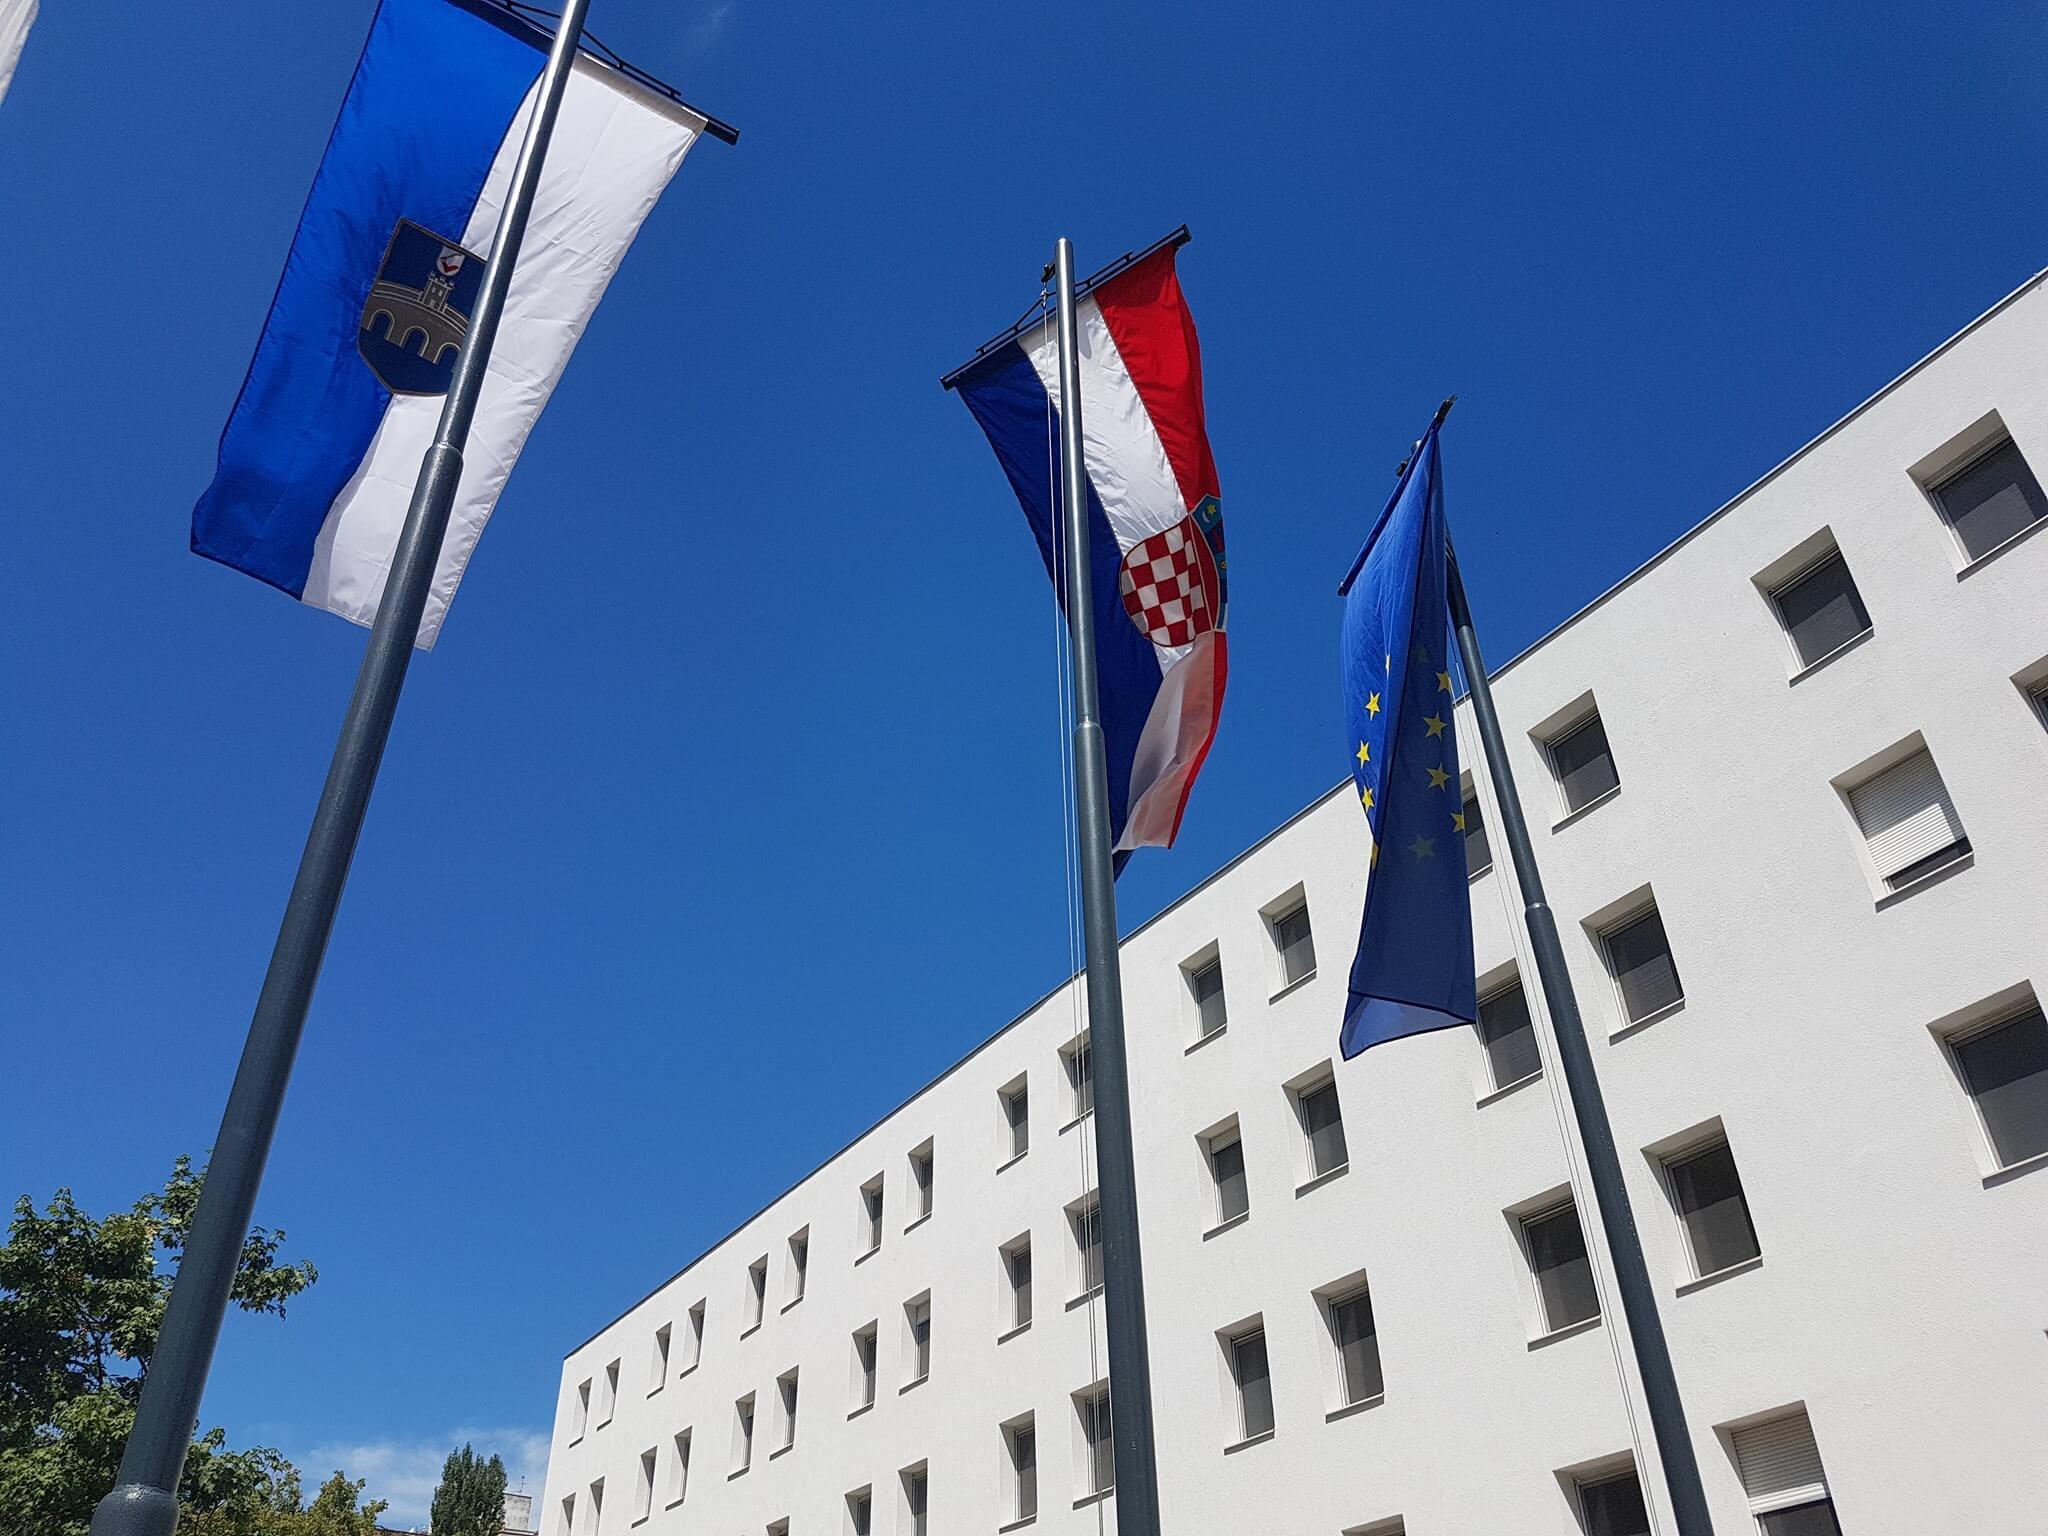 Objavljeni rezultati ovogodišnjeg natječaja za studentske domove u Osijeku